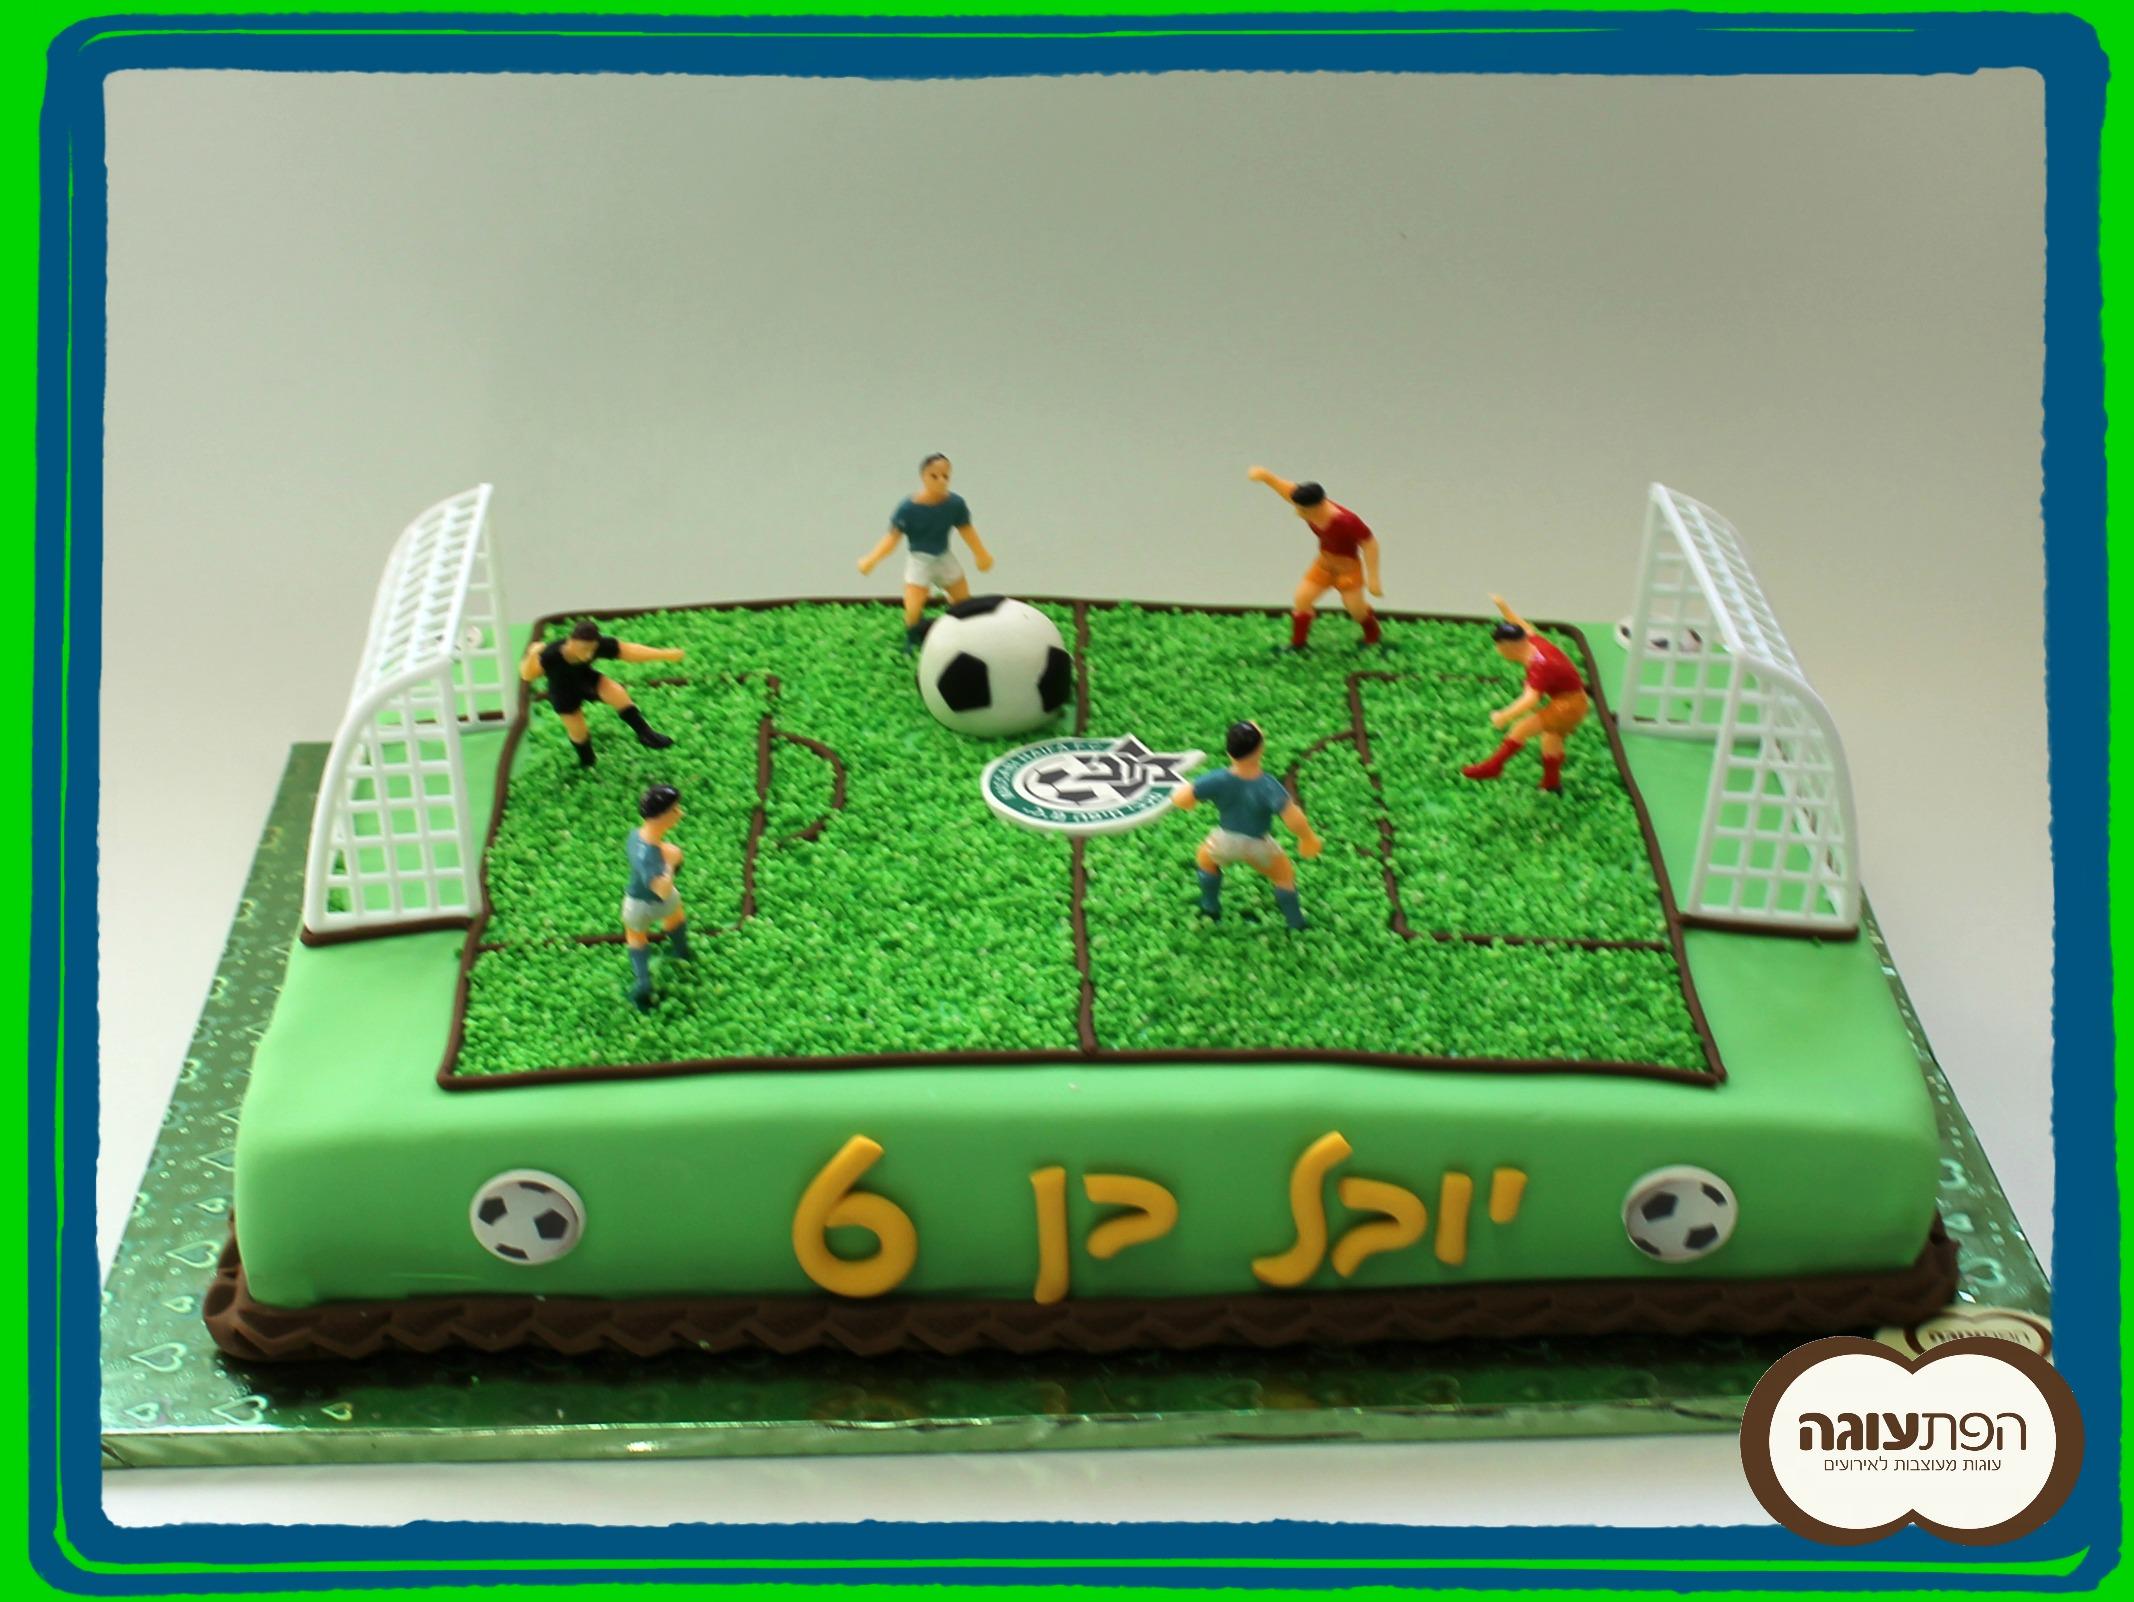 עוגת מגרש כדורגל  מכבי חיפה